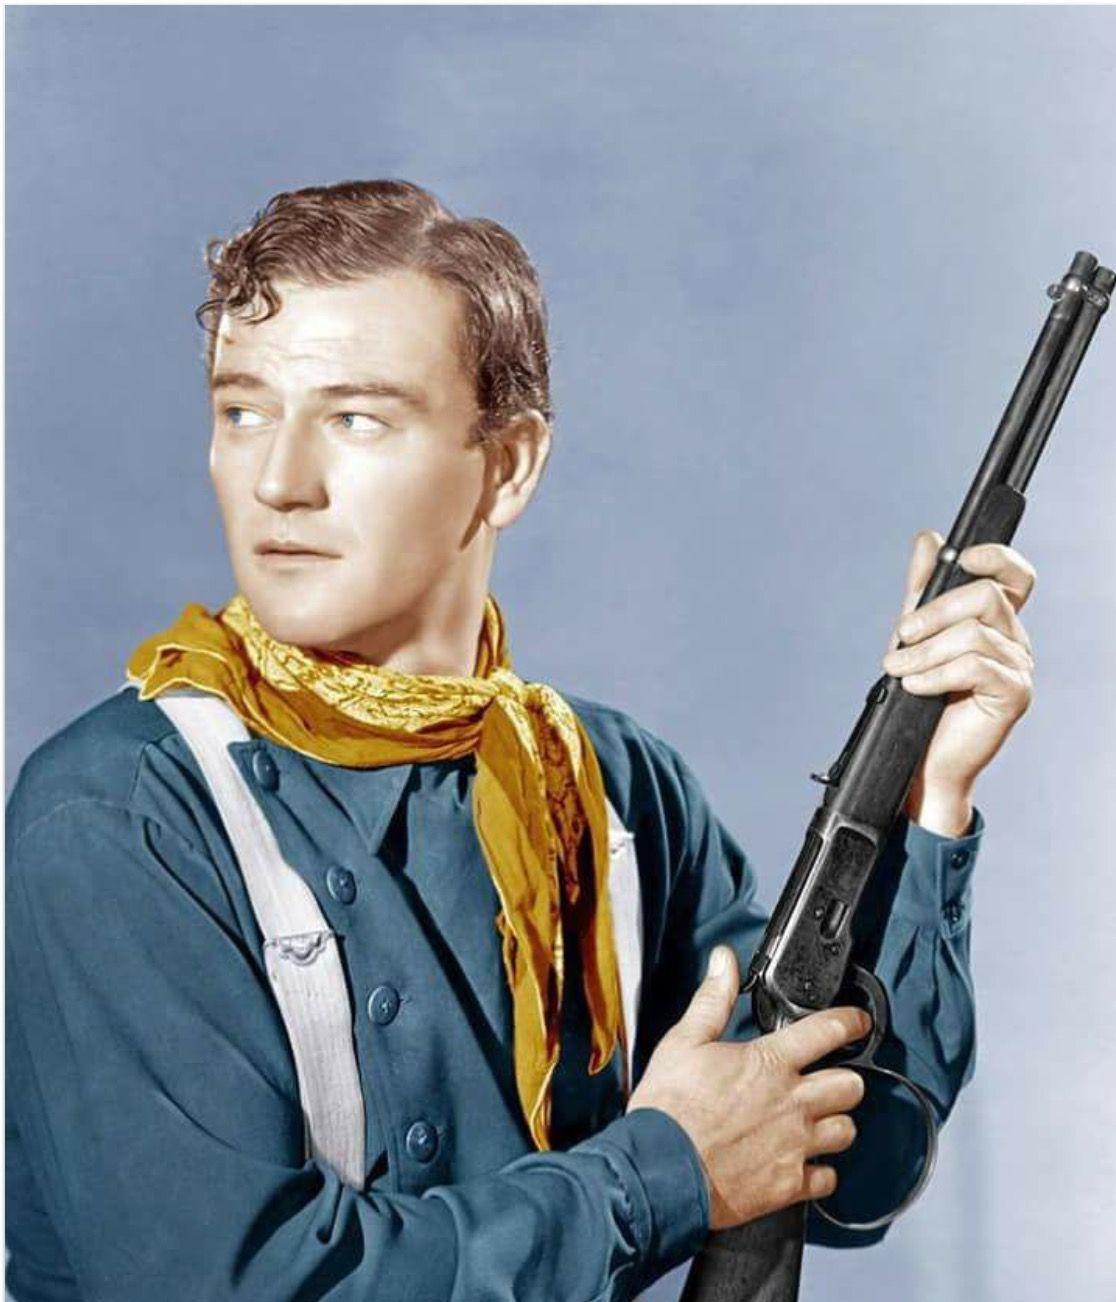 Pin By Larry Cooper On Dzhon Uejn John Wayne John Wayne Movies Wayne